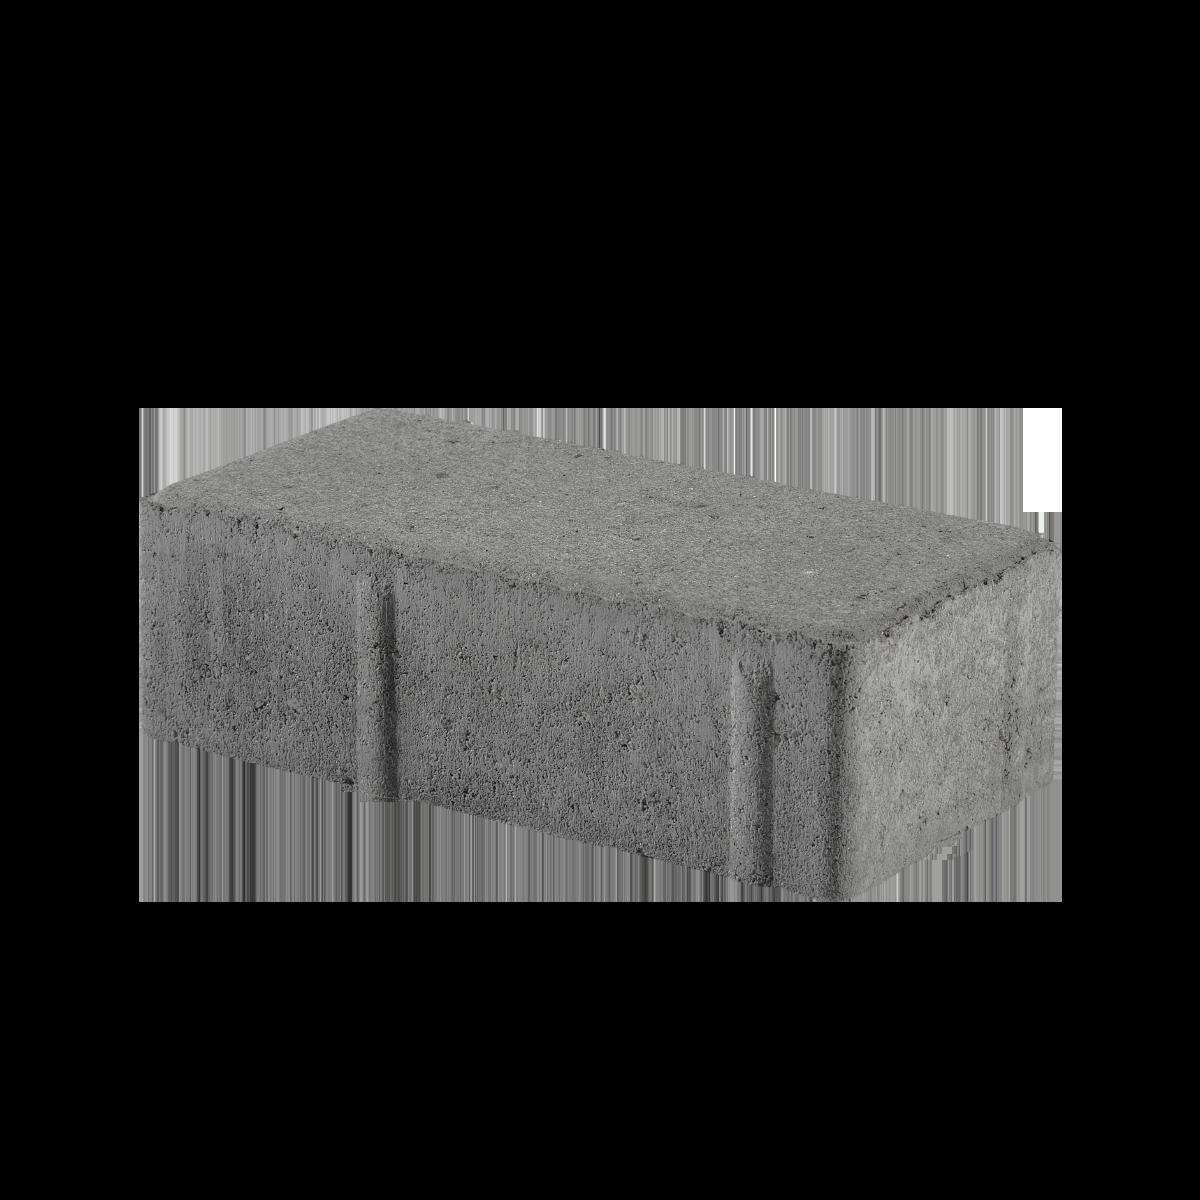 Modulserien 10x20x6 cm Sort/Antracit Normalsten